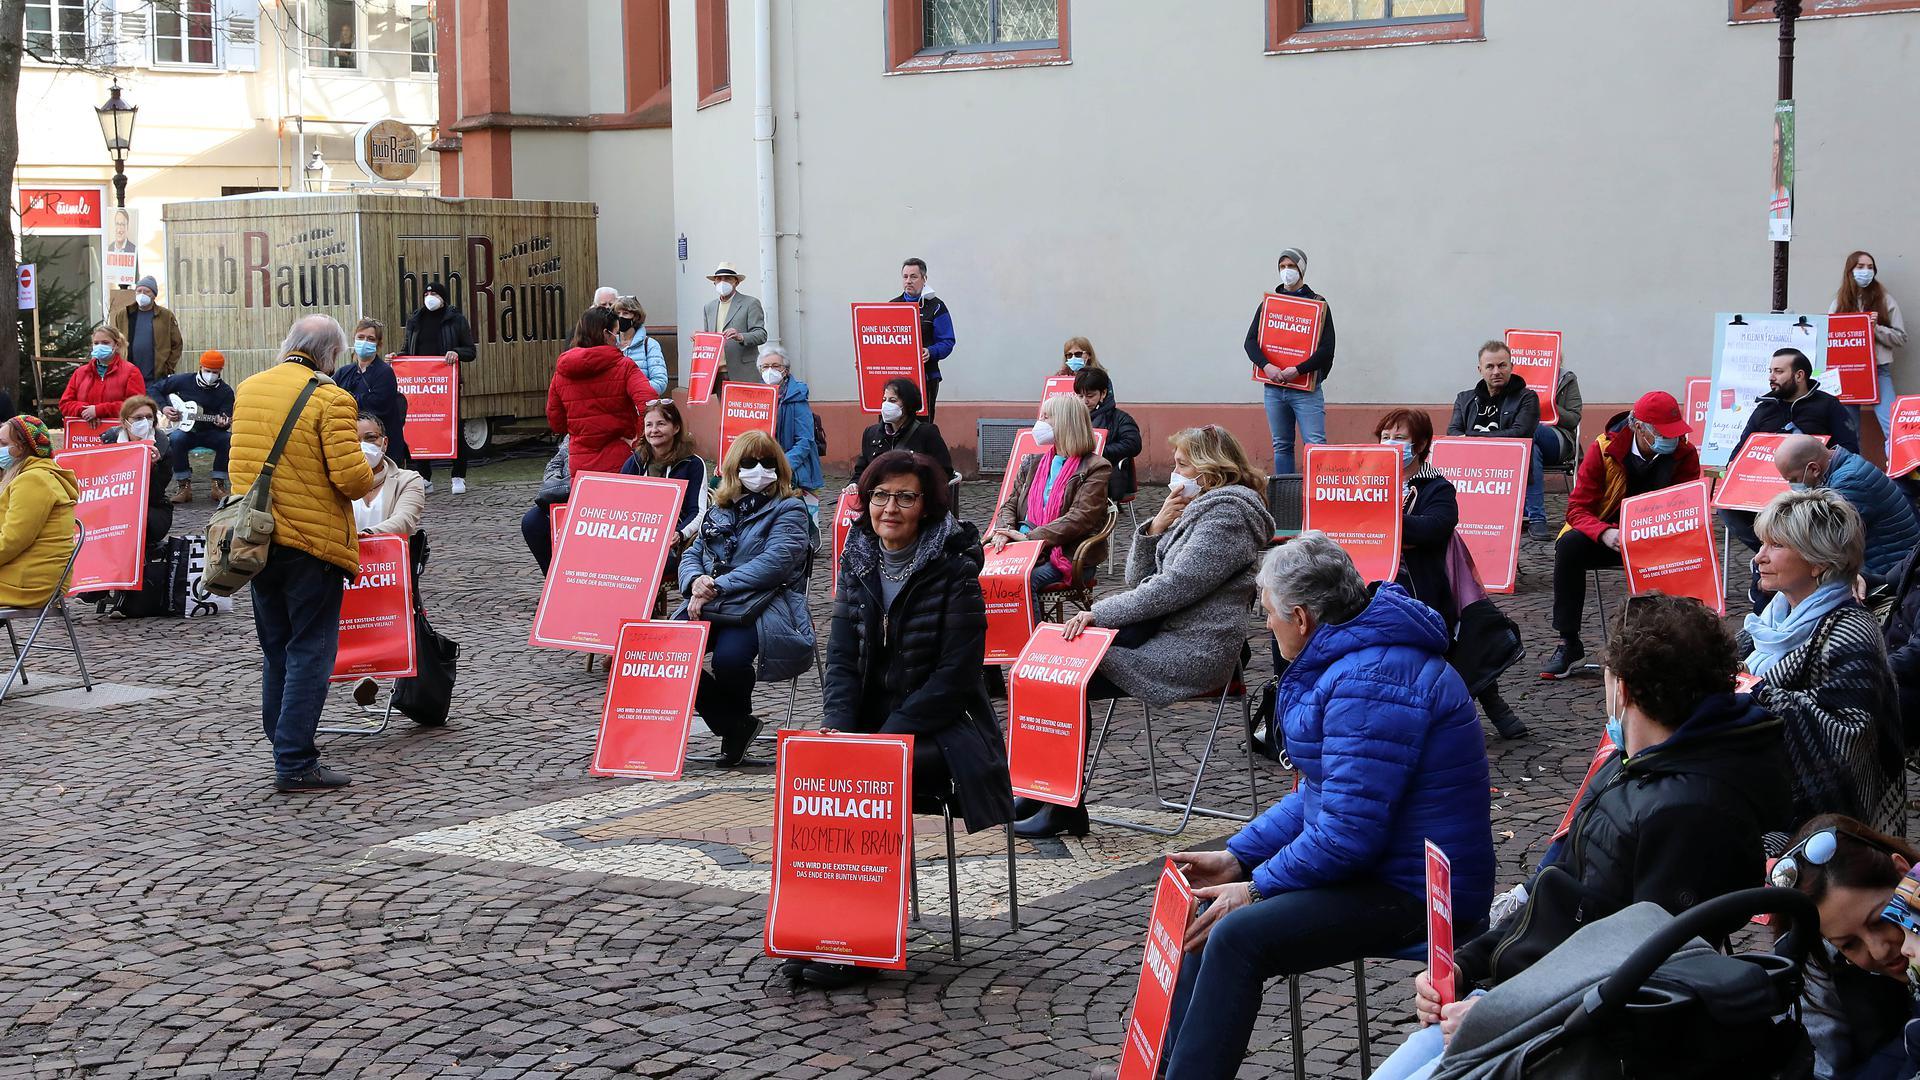 Mahnwache: Geschäftsleute aus der Durlacher Innenstadt weisen vor dem dortigen Rathaus auf ihre teils existenzbedrohende Lage durch den Lockdown hin.